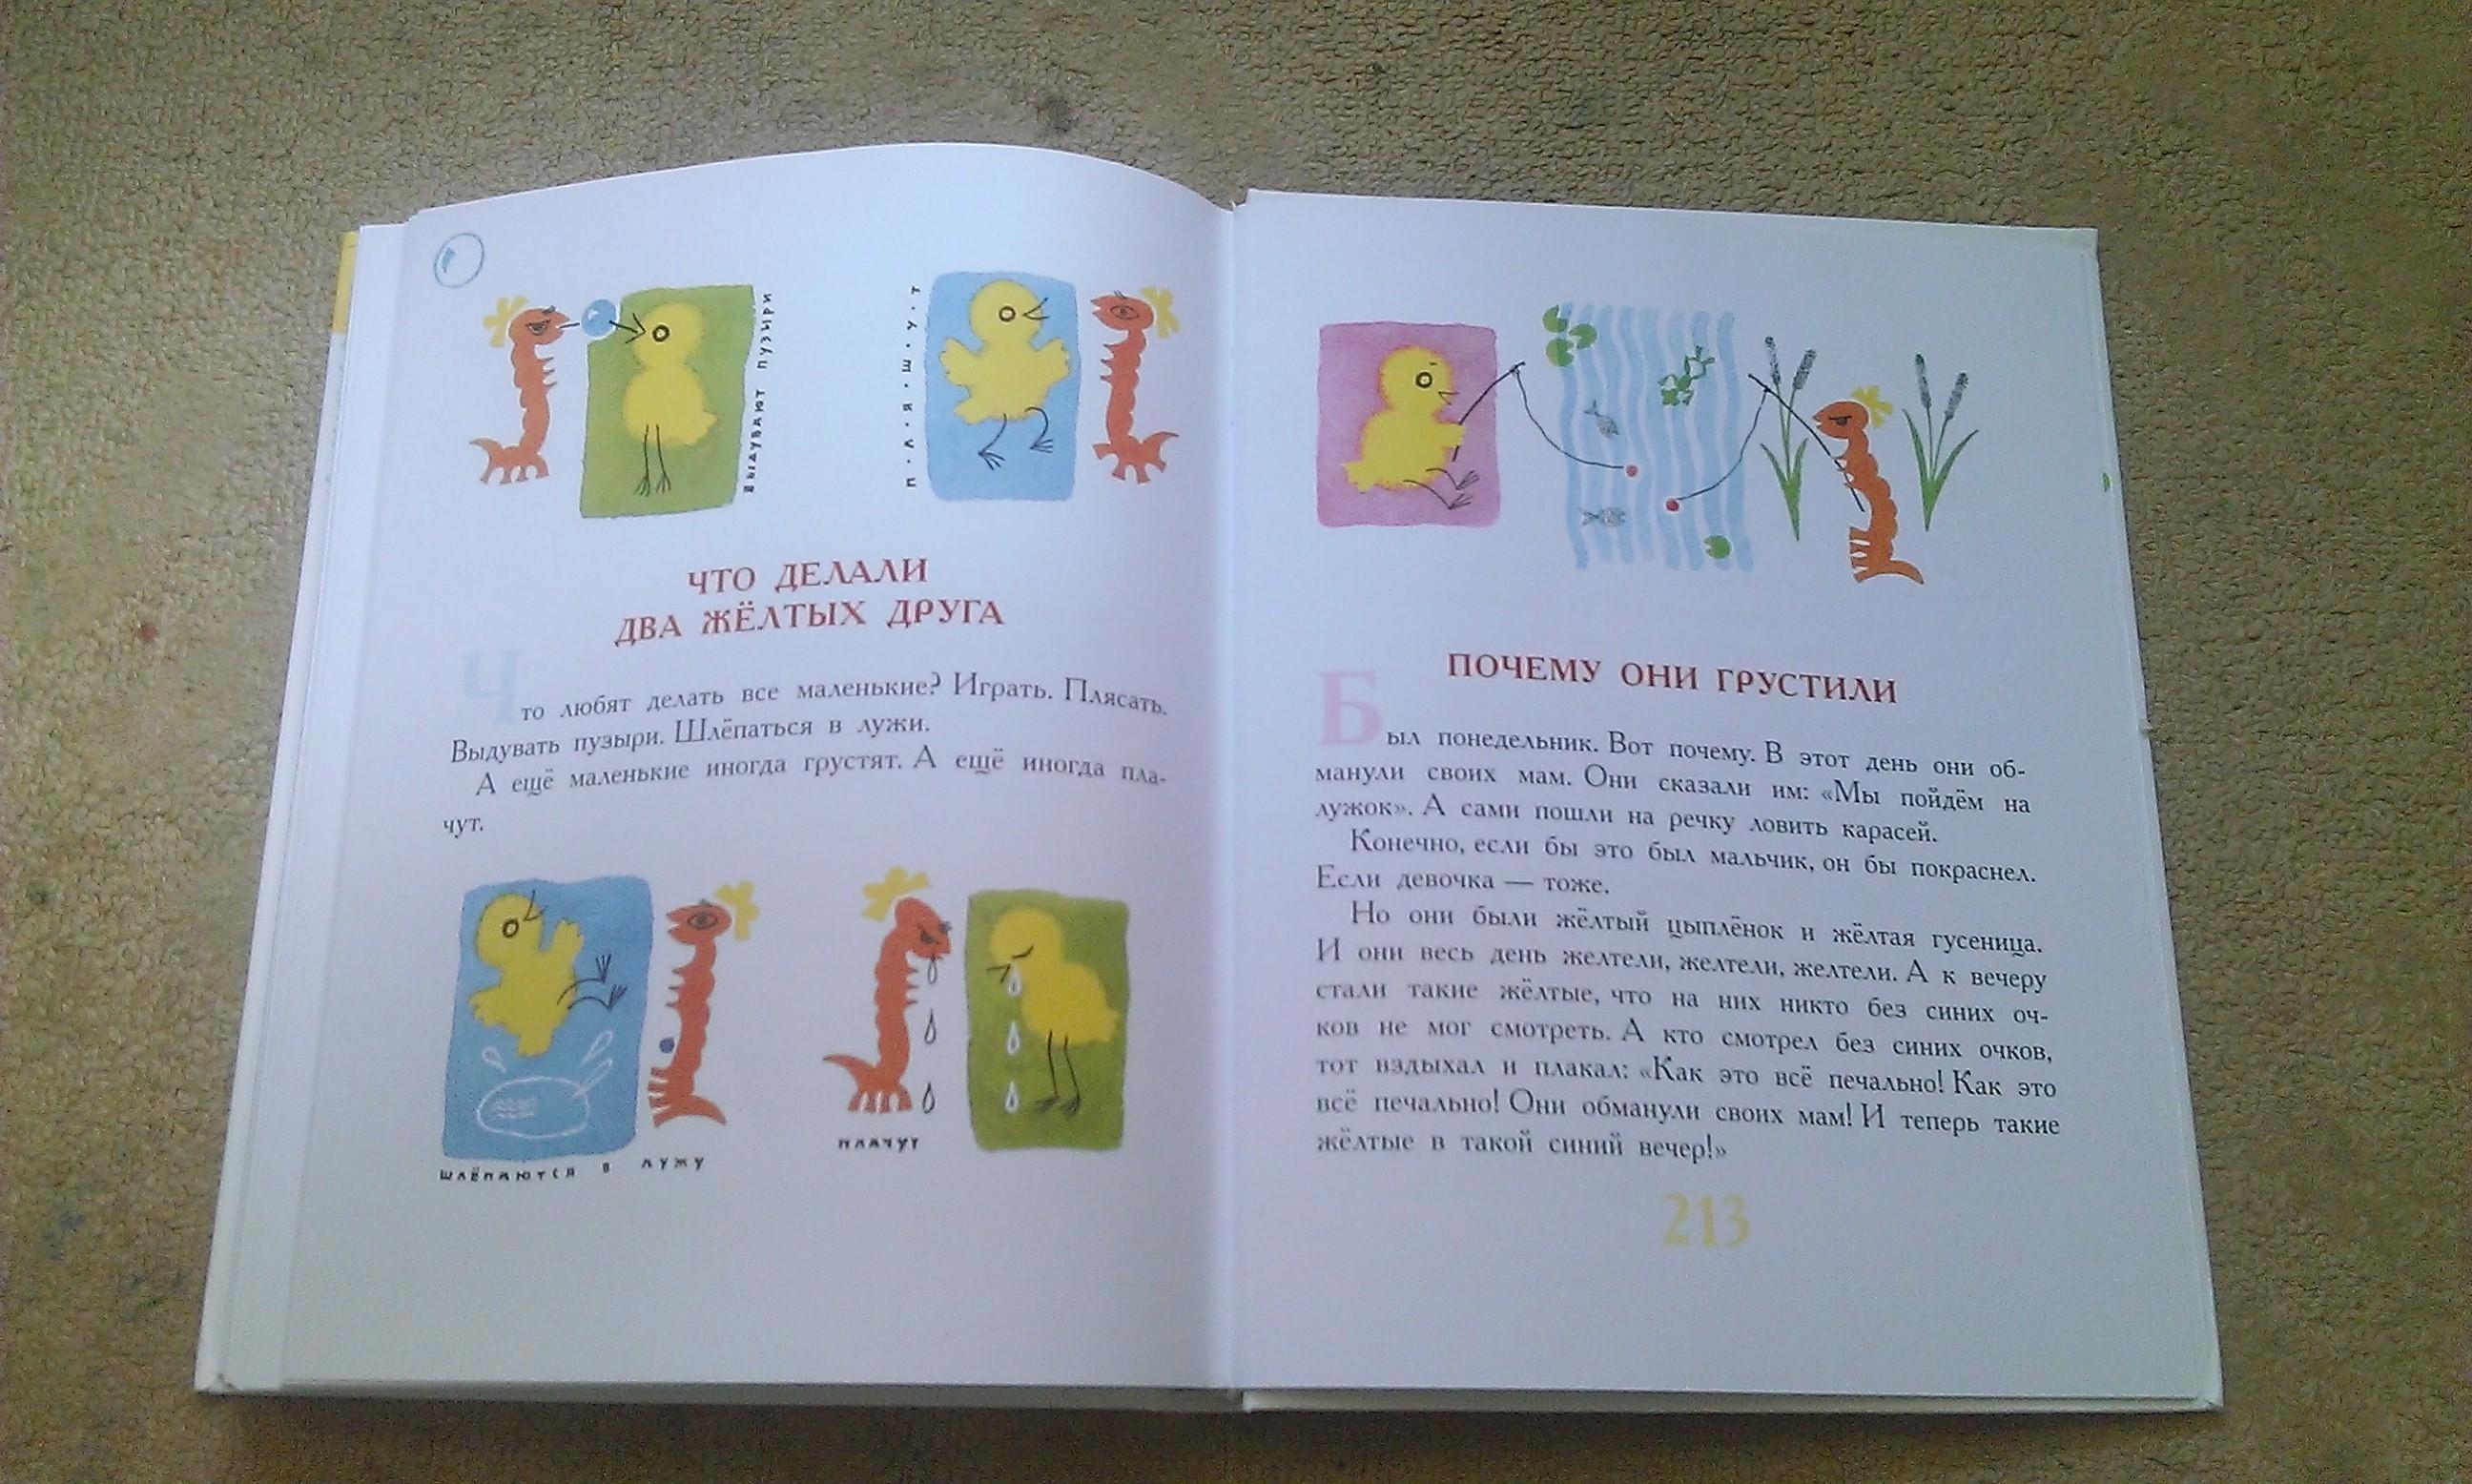 Михаил шолохов донские рассказы читать краткое содержание